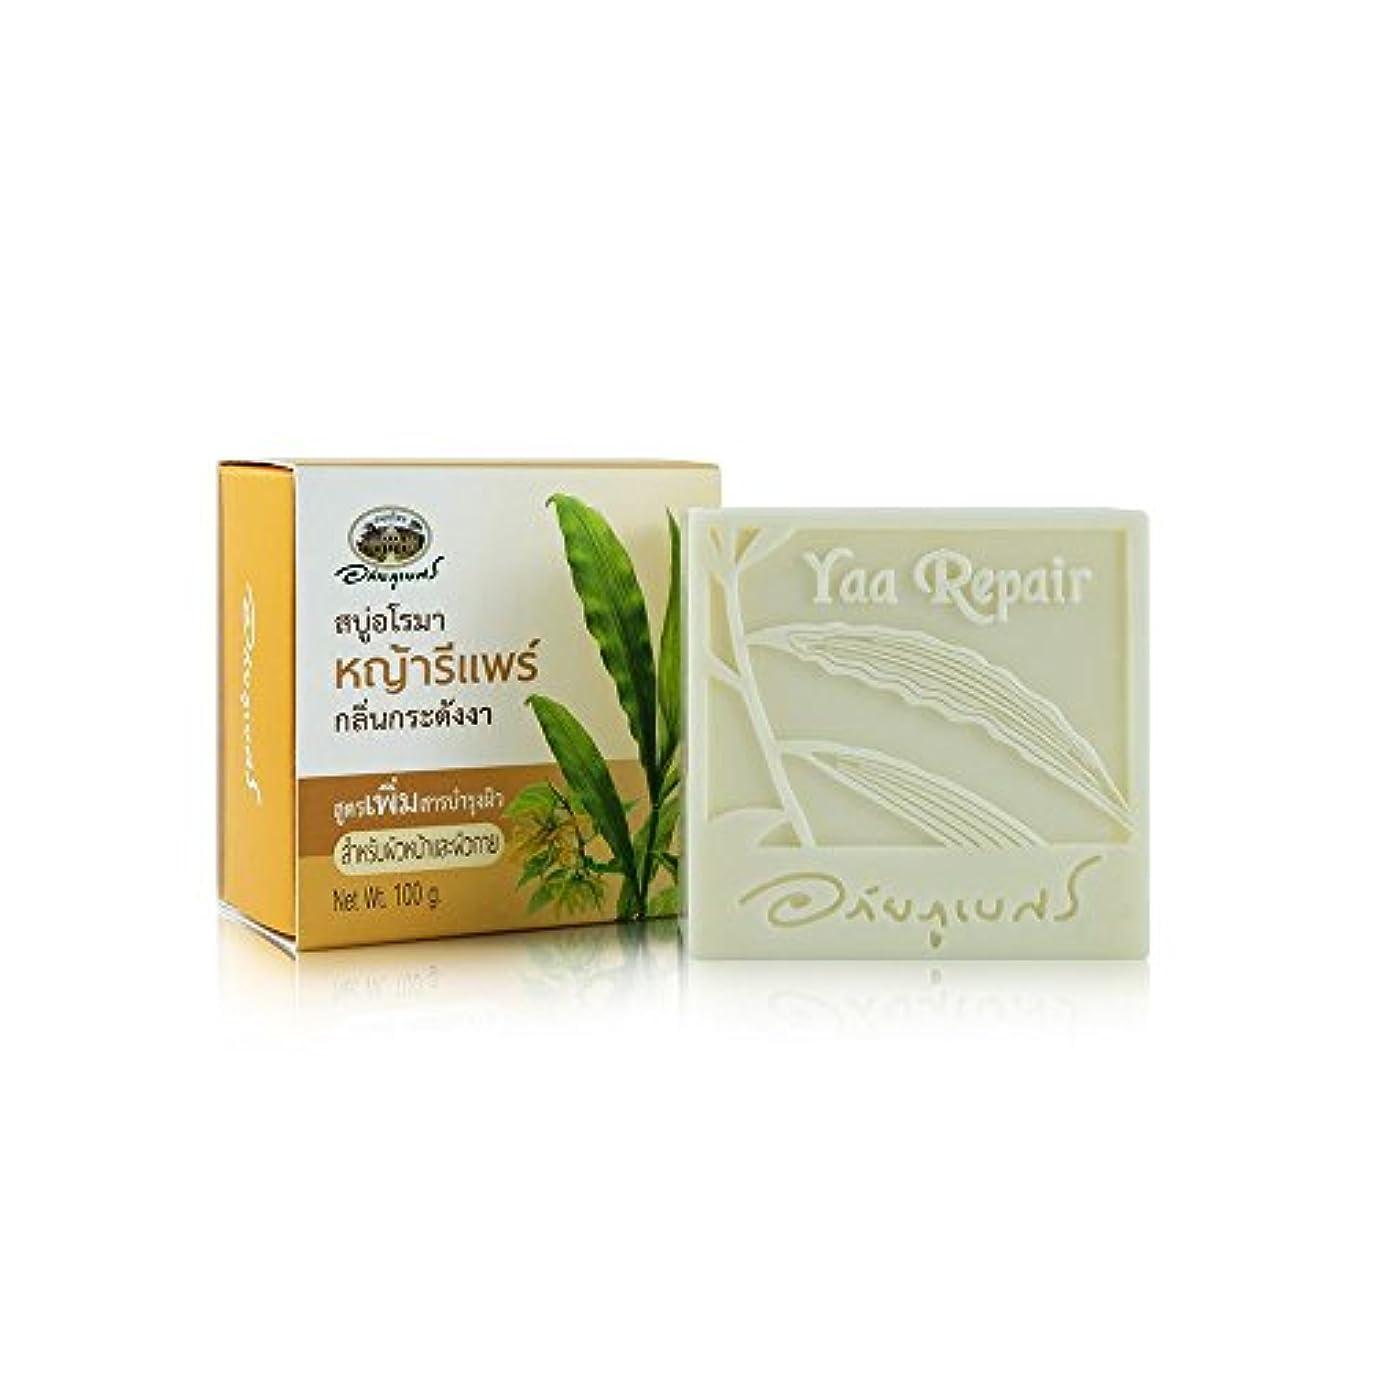 学んだ変わる称賛Abhaibhubejhr Thai Aromatherapy With Ylang Ylang Skin Care Formula Herbal Body Face Cleaning Soap 100g.